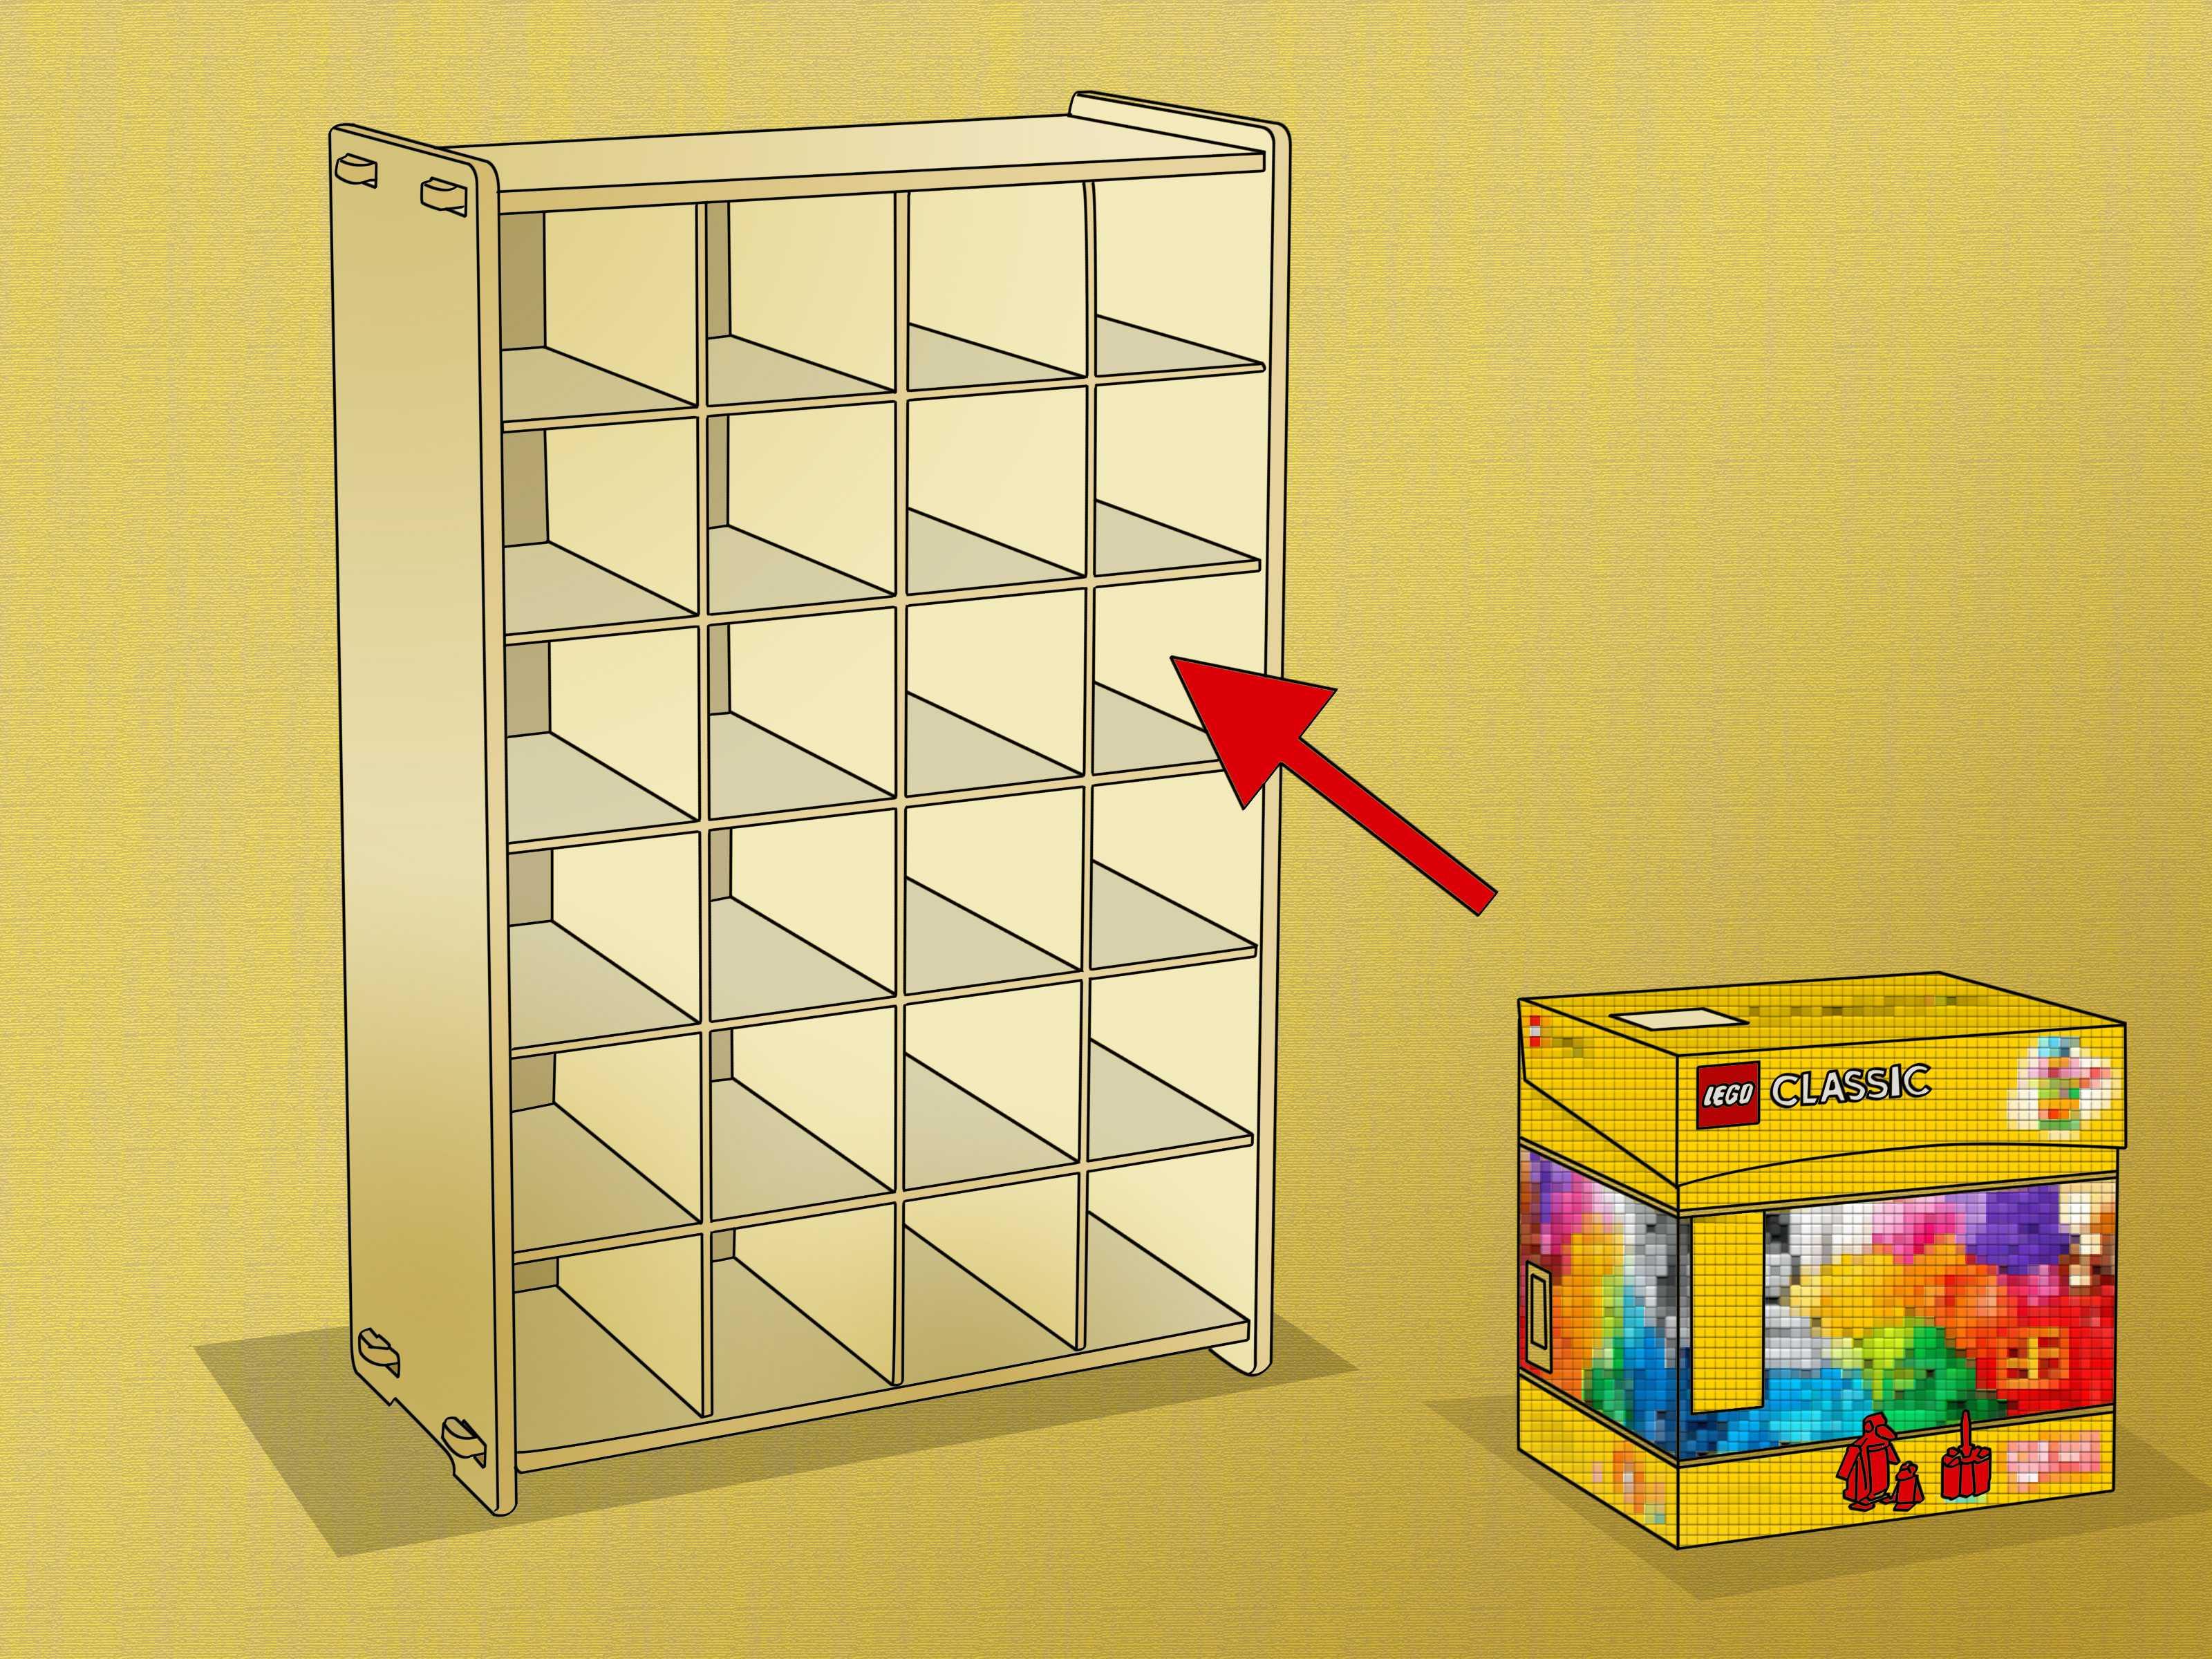 Лучшие контейнеры лего - для малых и больших коллекций